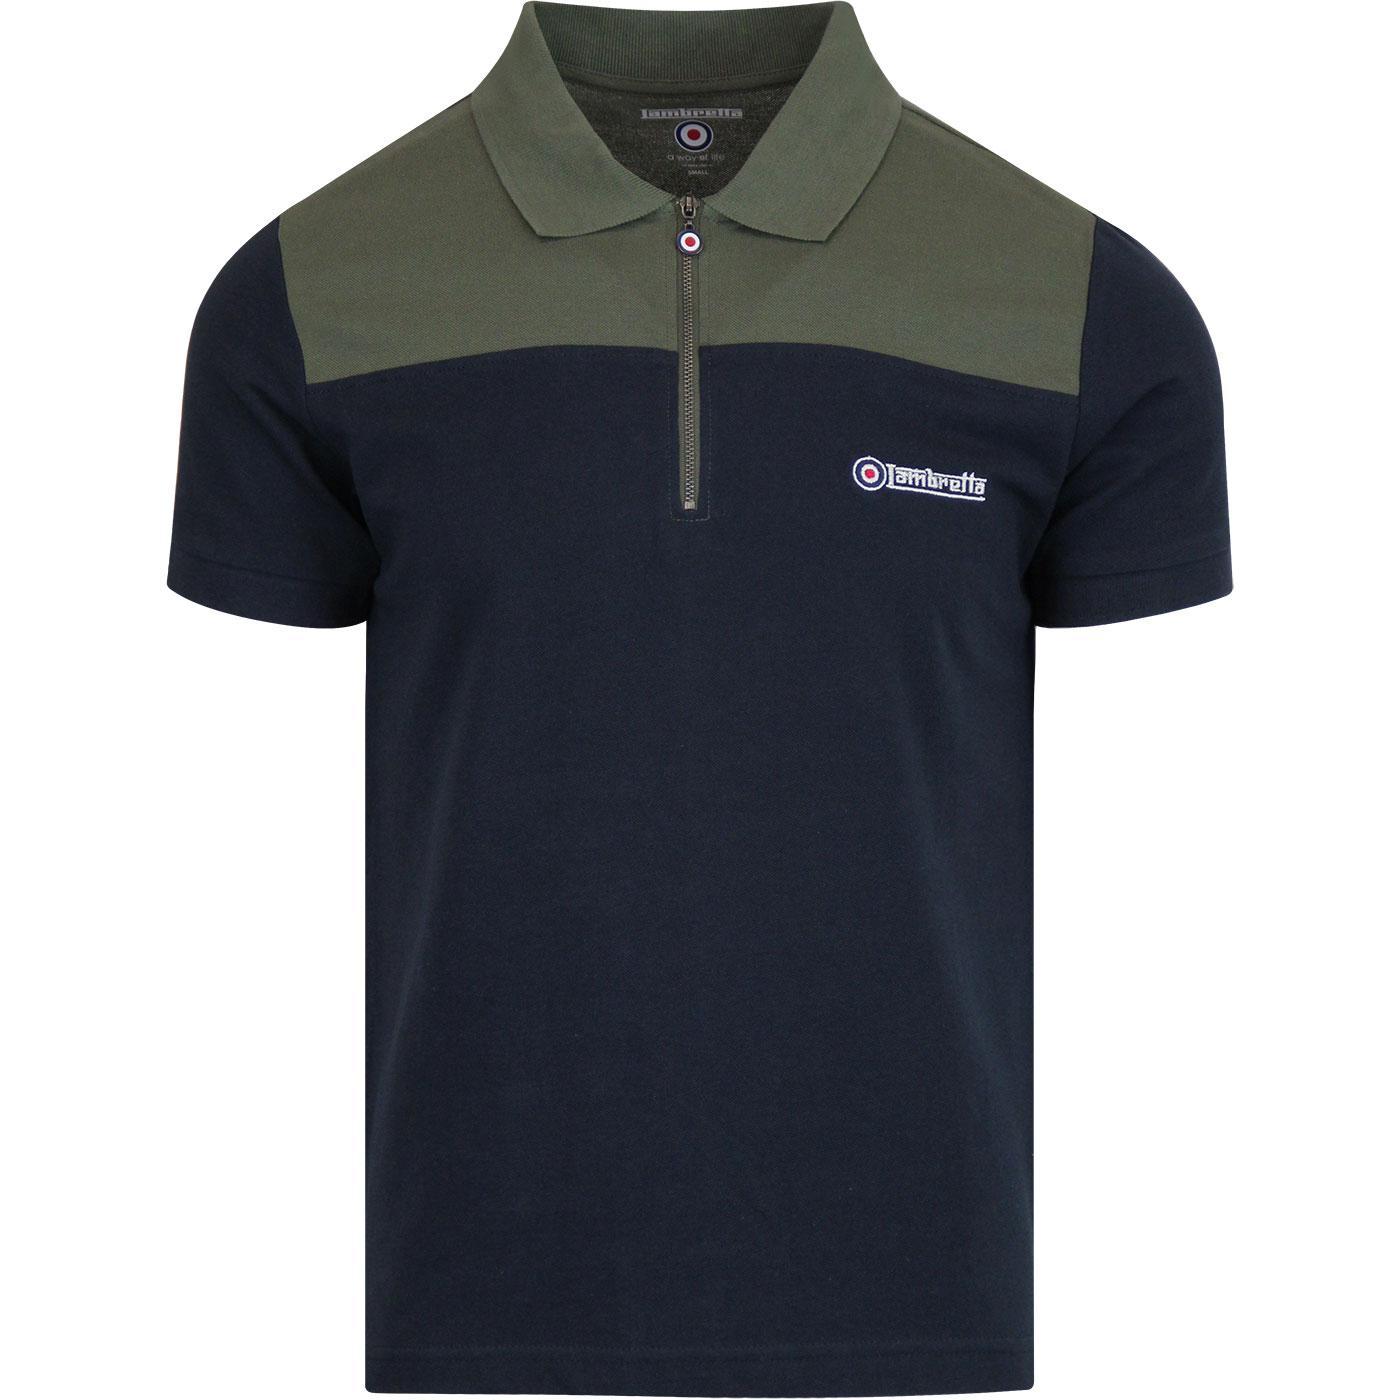 LAMBRETTA Retro Mod 1/4 Zip Up Pique Polo Shirt N